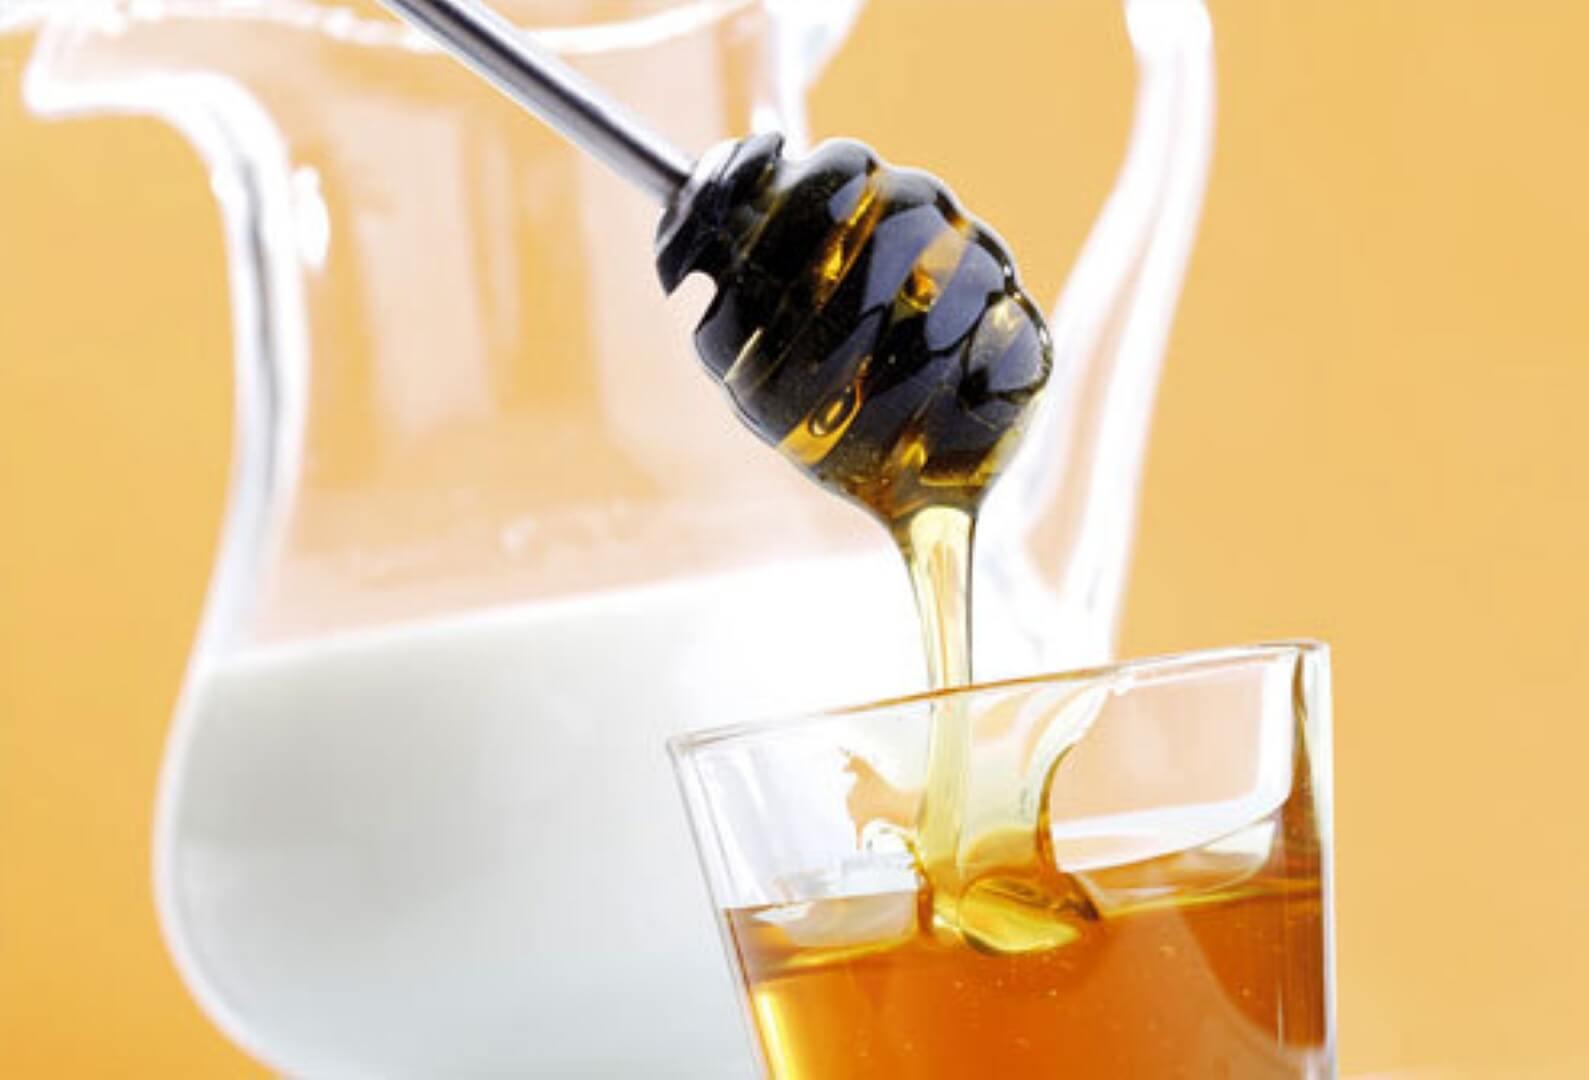 Польза горячего молока с медом, маслом или прополисом от кашля